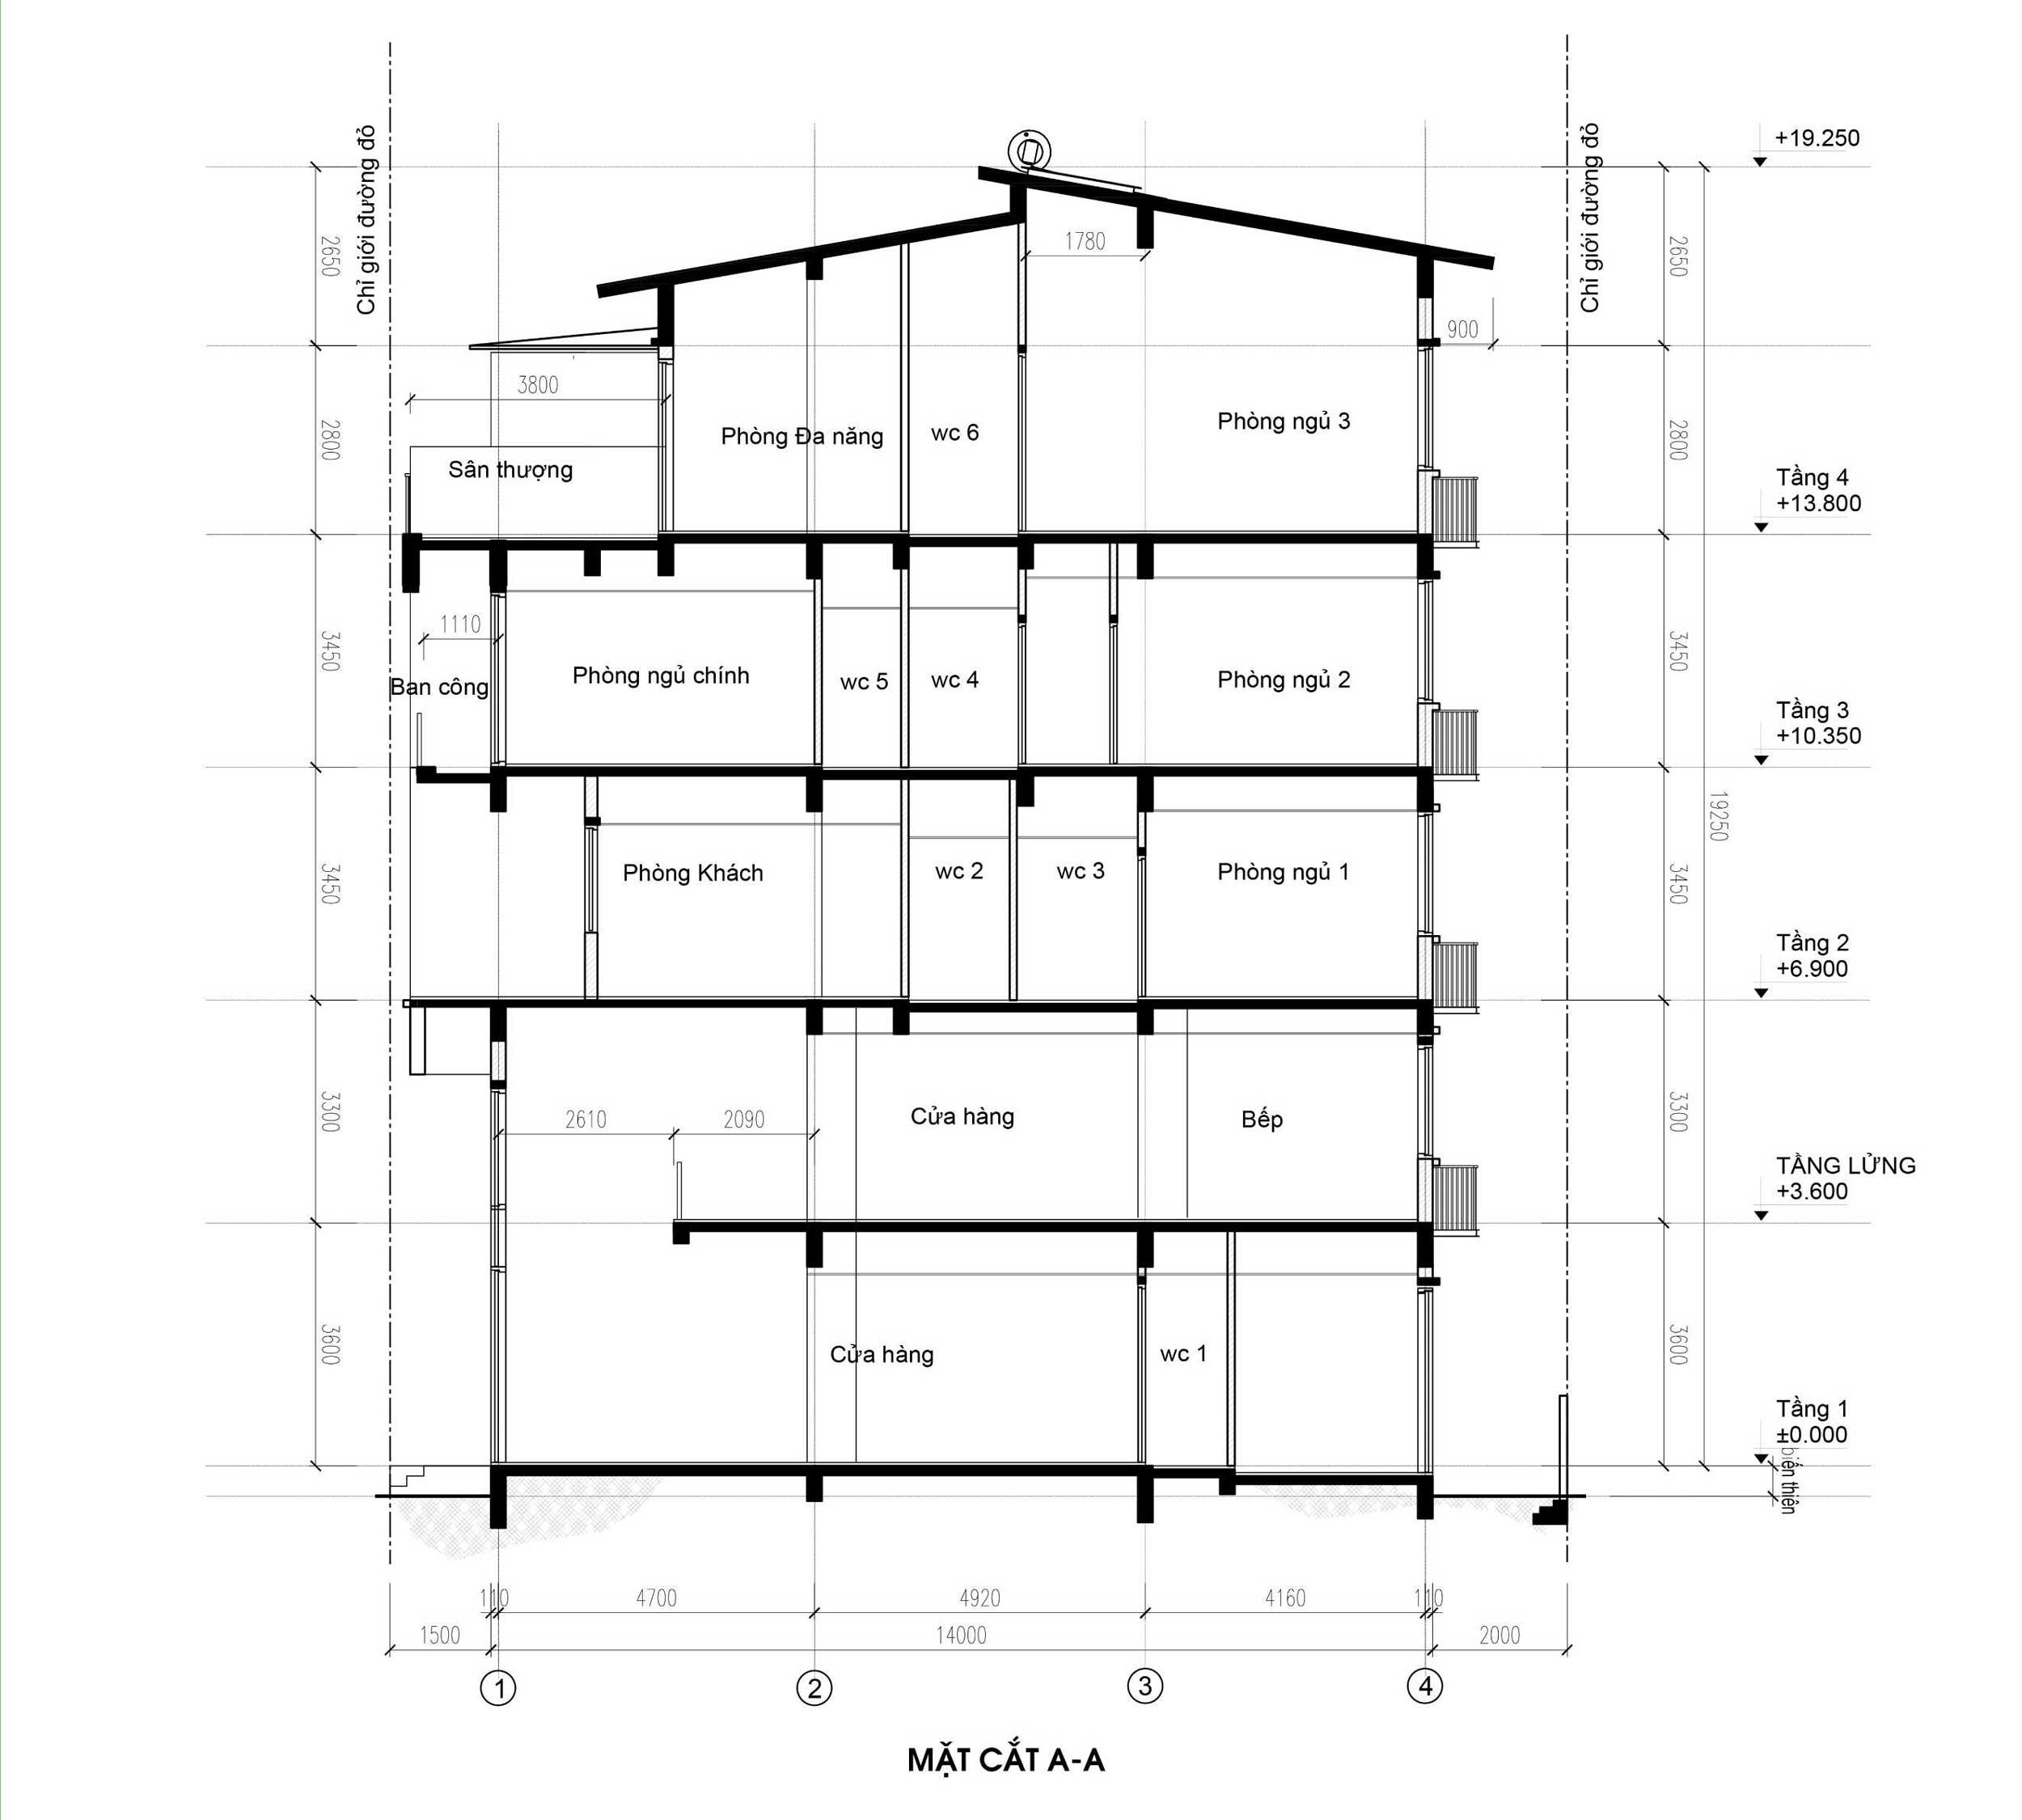 Mặt cắt - nhà phố góc Thủy Trúc(7x17,5m)